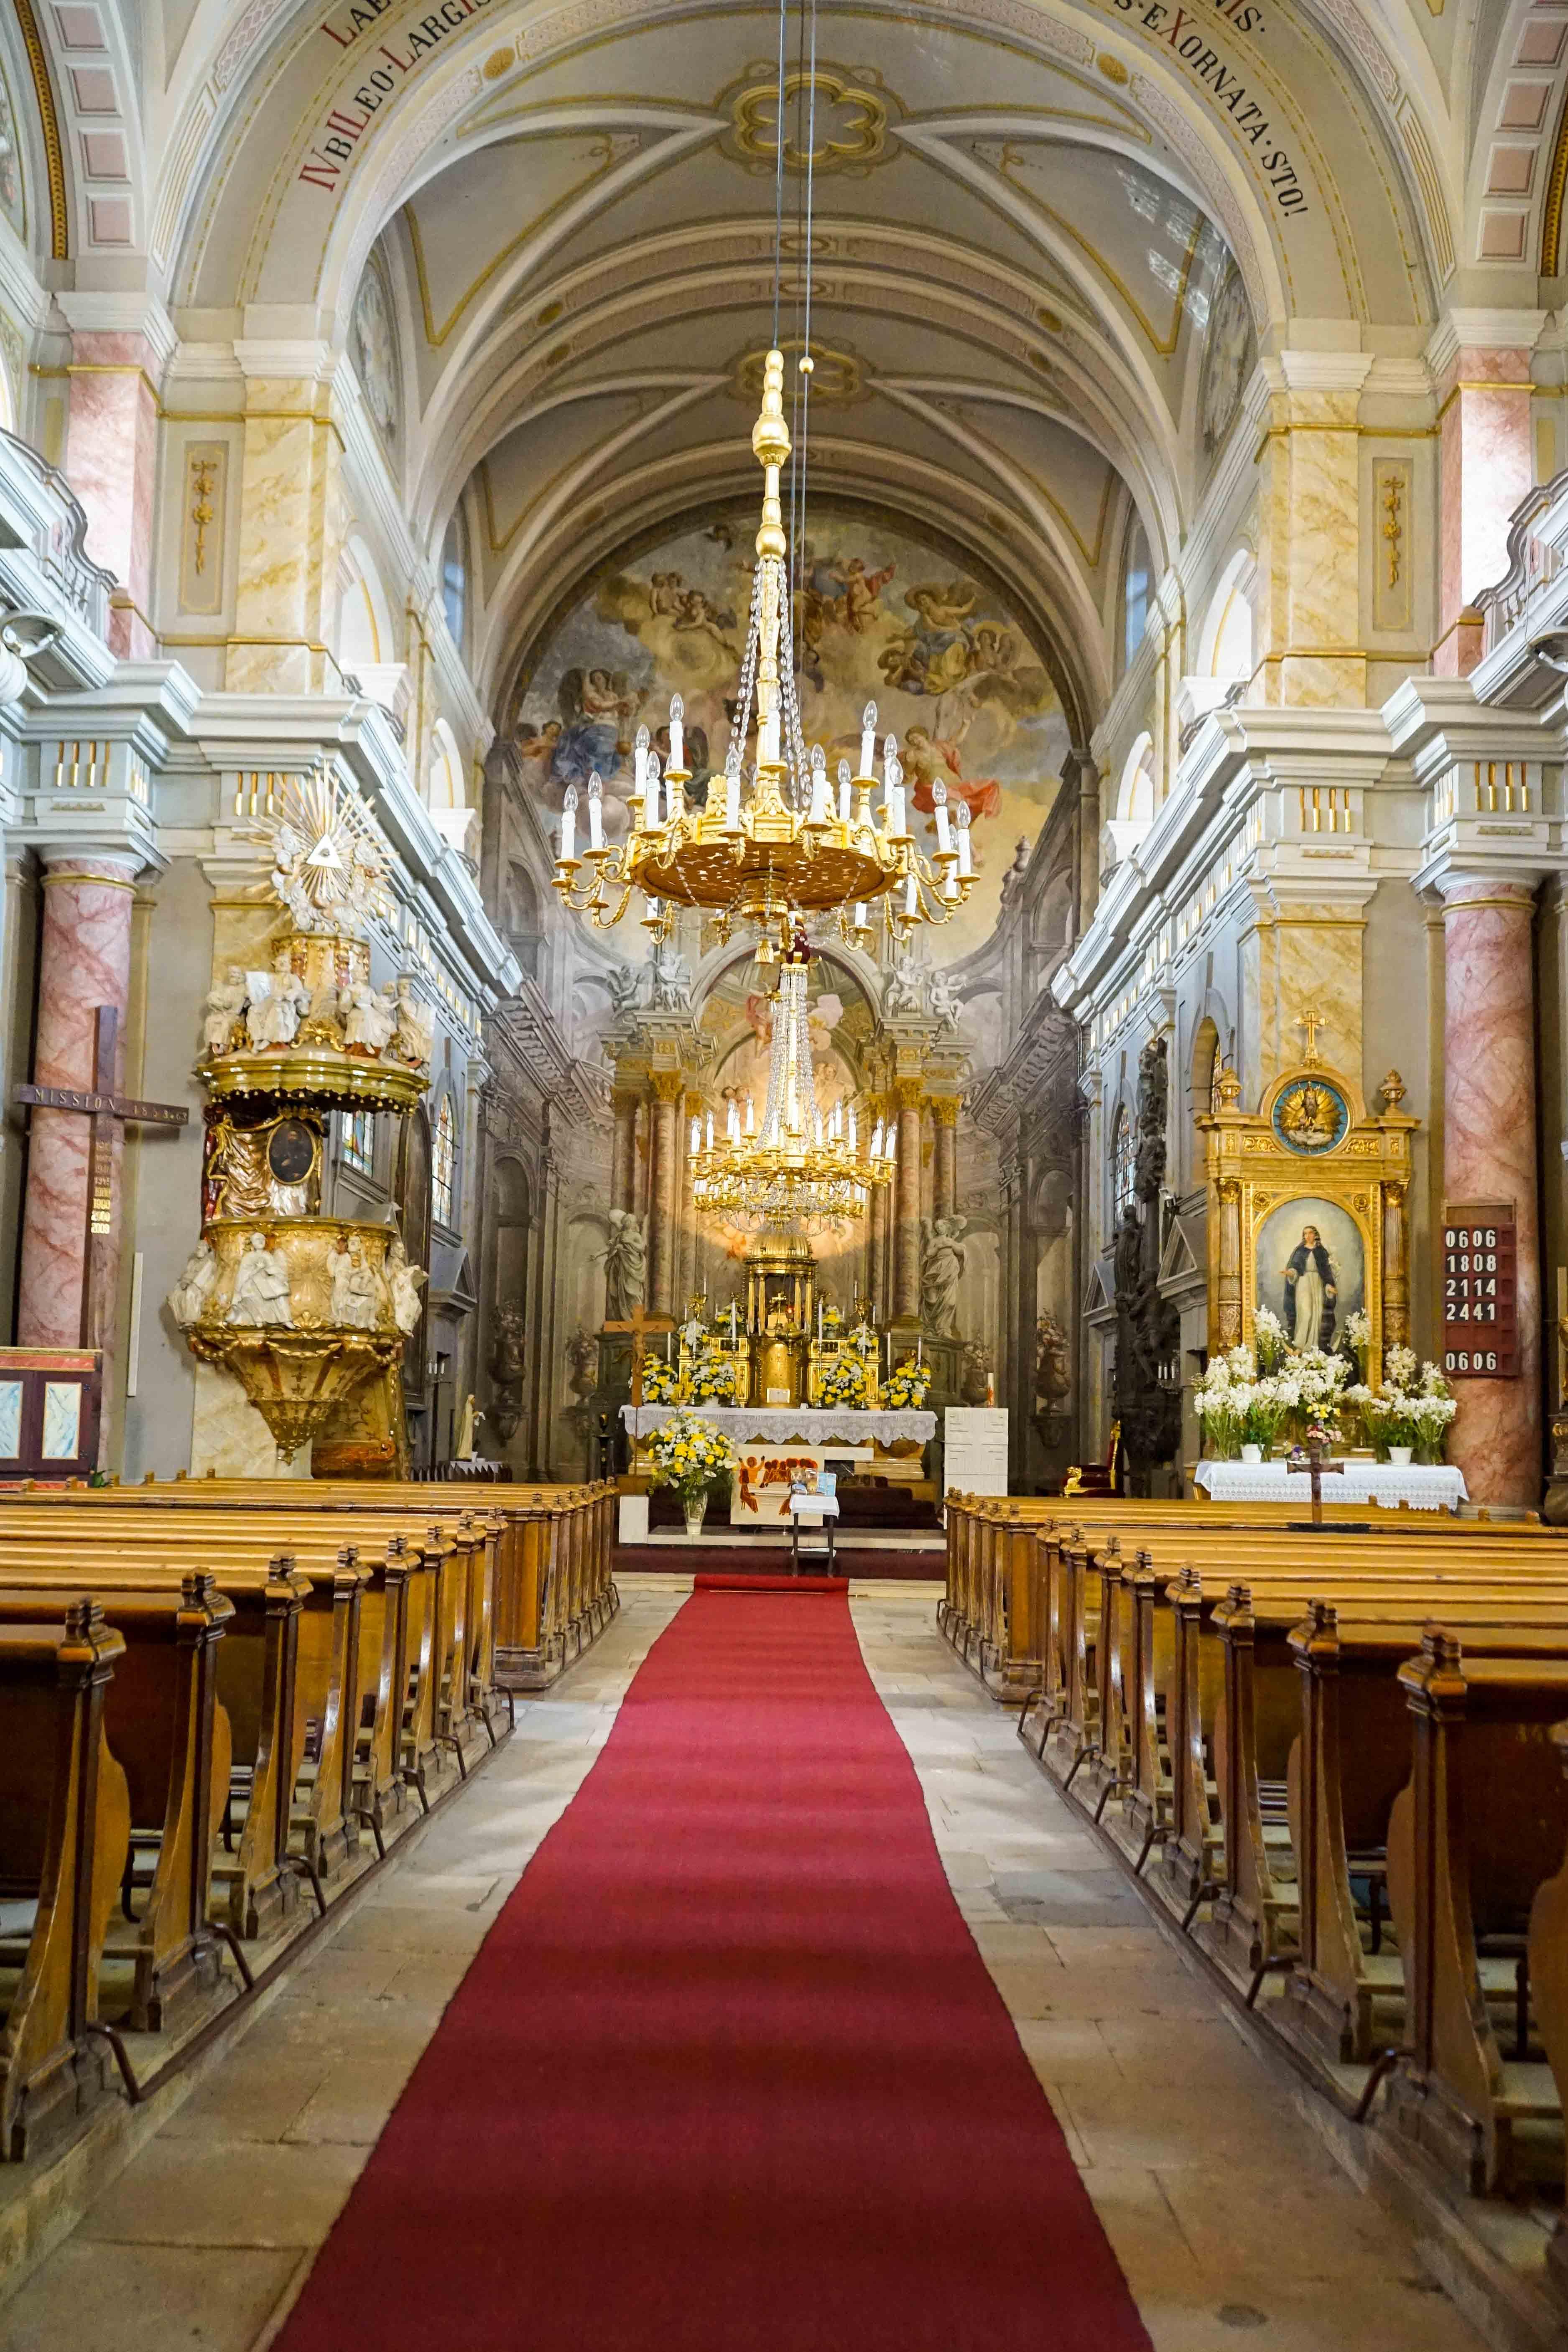 Top 10 Tipps Hermannstadt Sibiu Rumänien Reiseblog Innenstadt Sehenswürdigkeiten Kirche Insider Tipps Brinisfashionbook